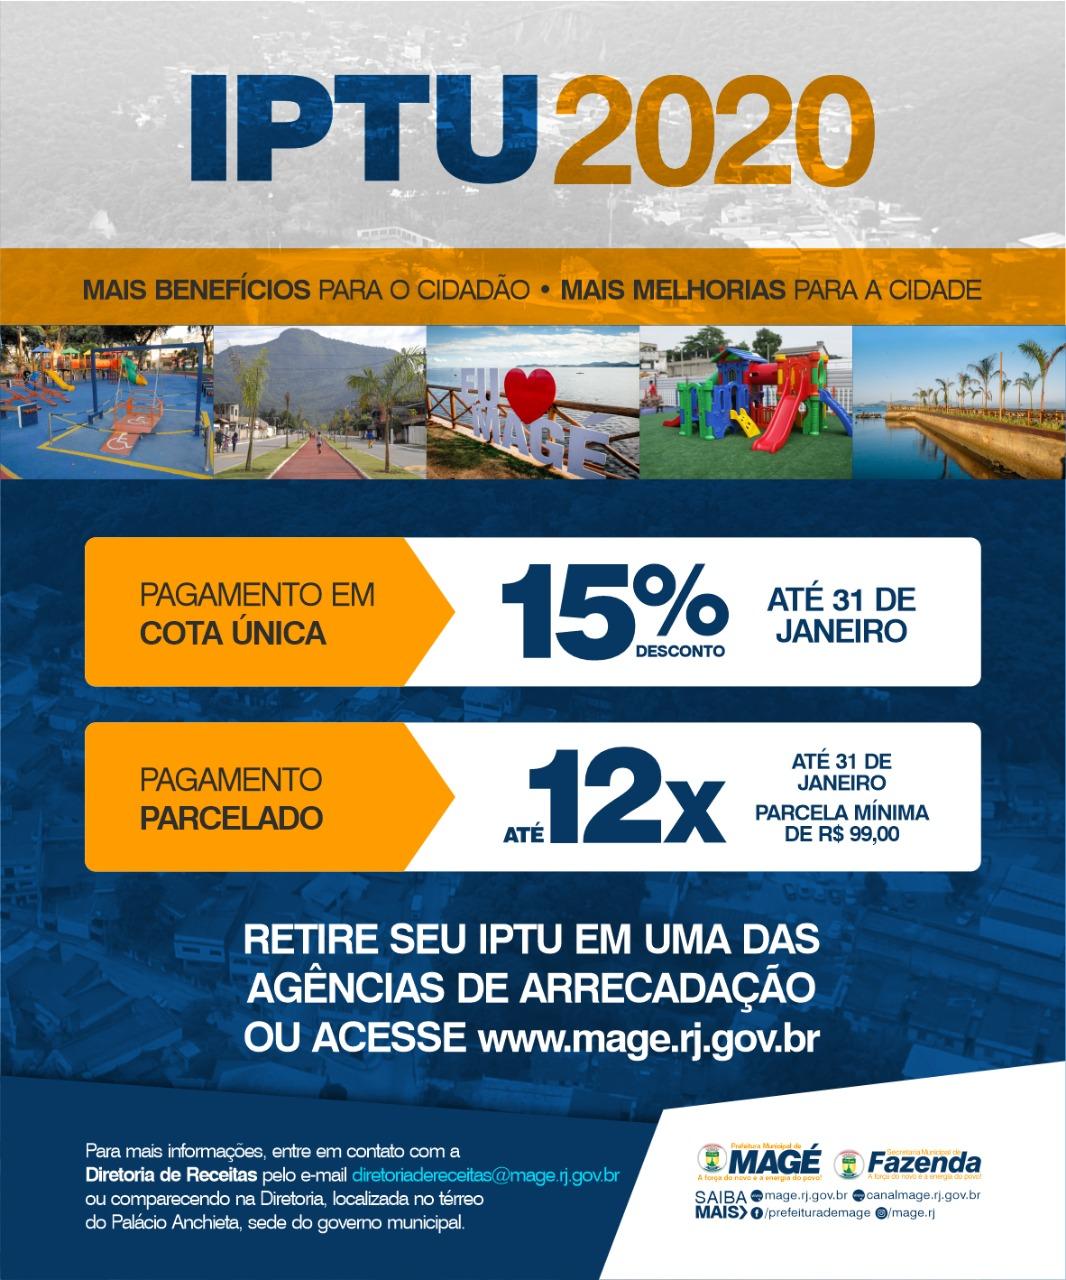 Prefeitura de Magé oferece 15% de desconto no IPTU 2020 e débitos antigos ainda podem ser parcelados